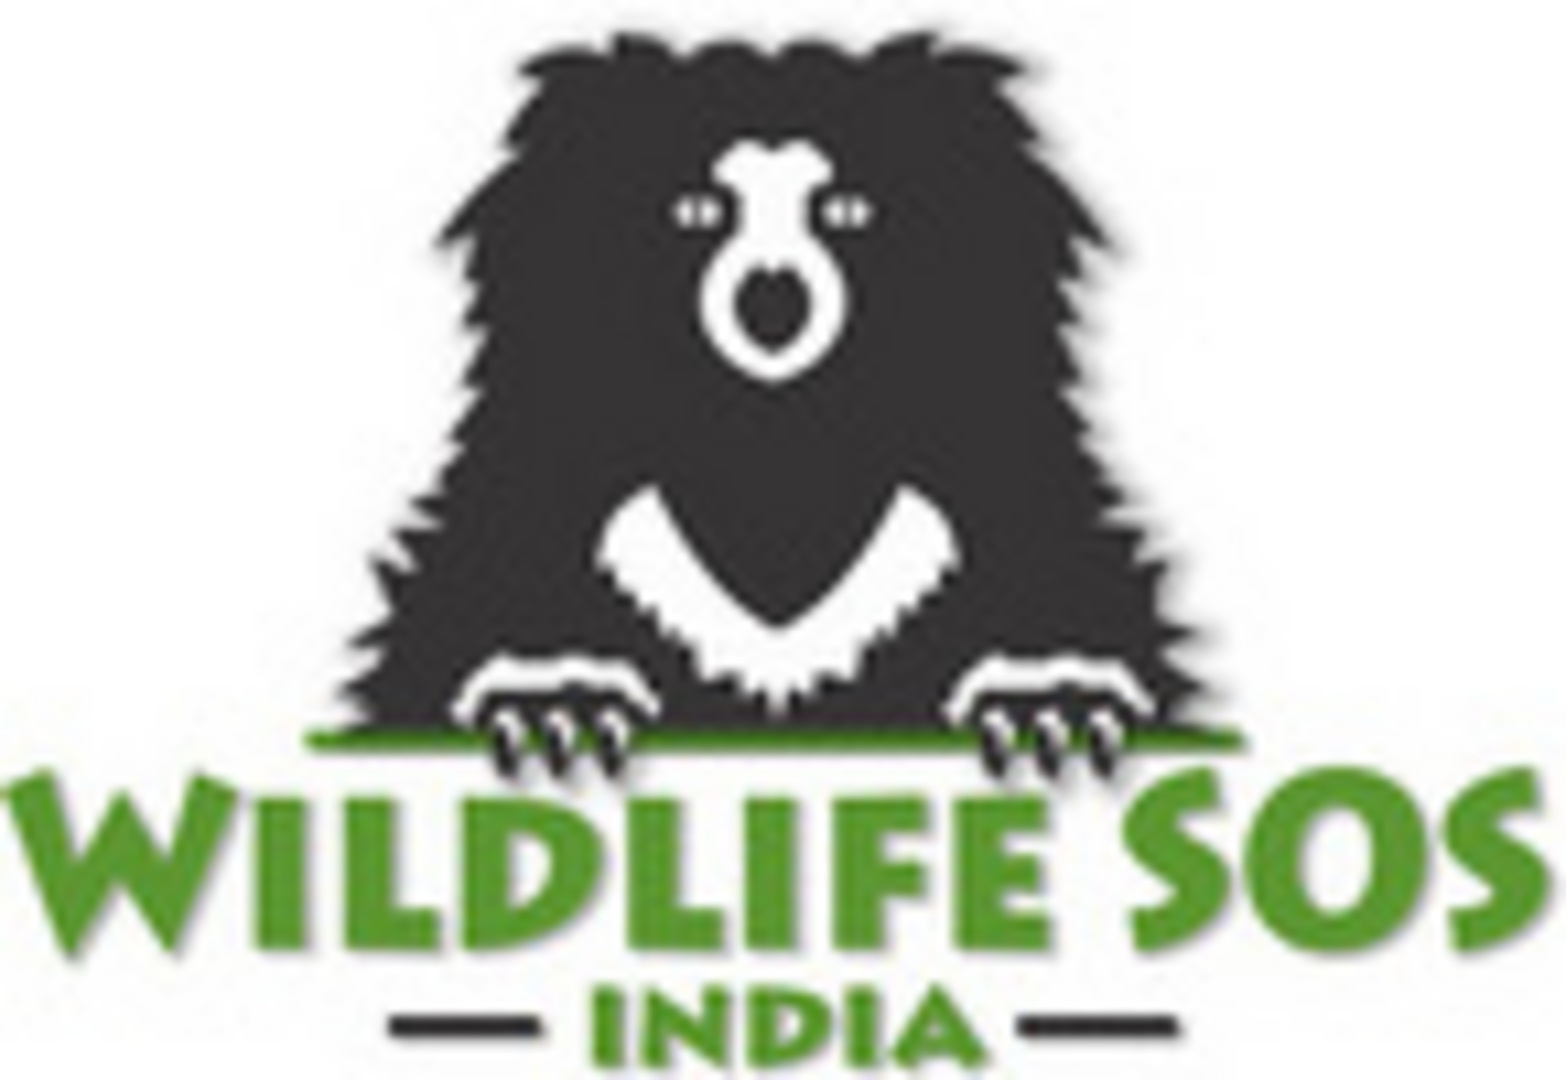 Wildlife%20sos%20india%20logo